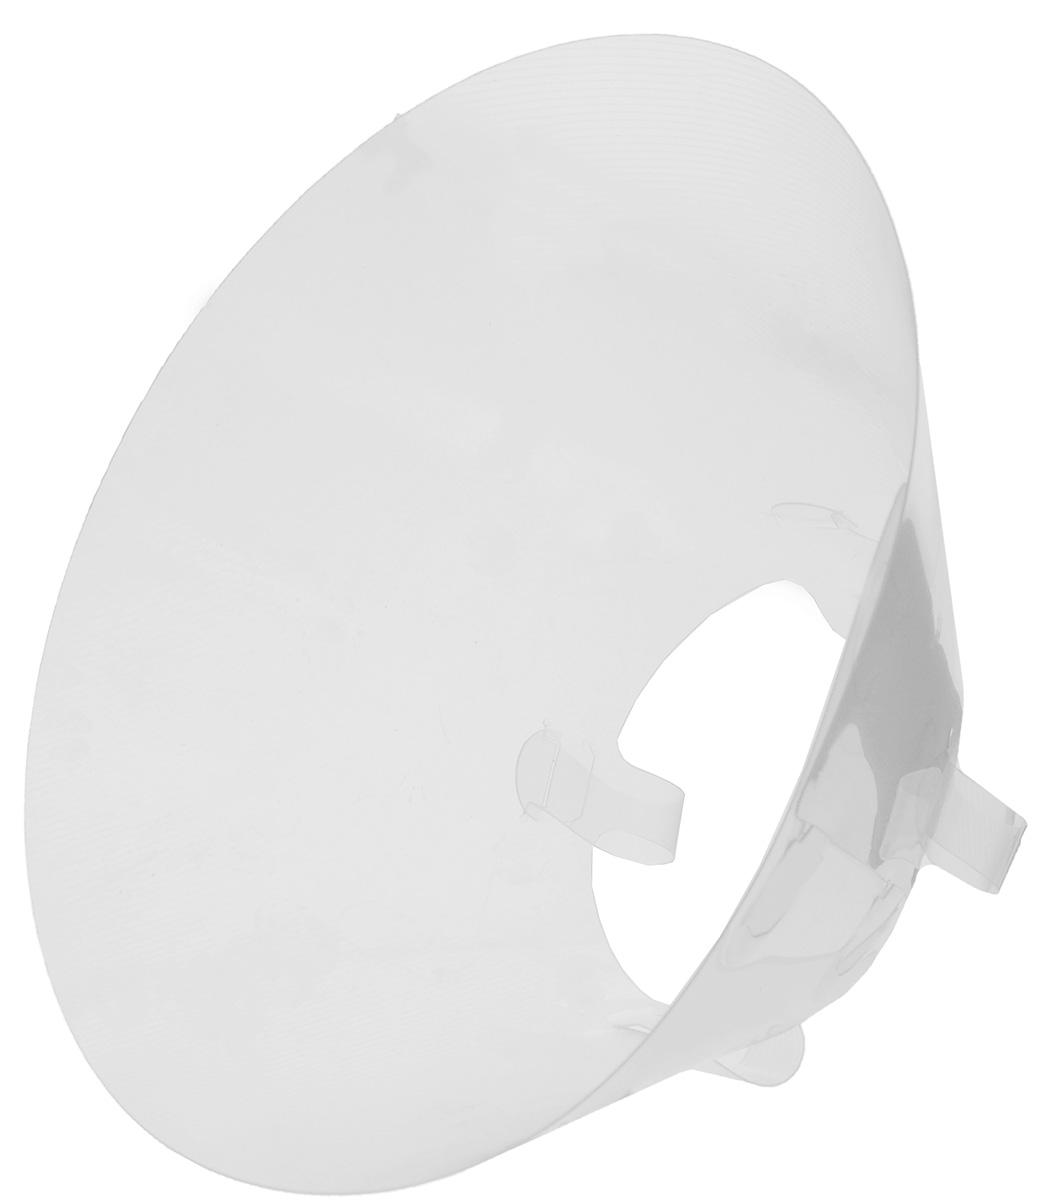 Защитный воротник для животных Kruuse Buster, высота 7,5 см. 140790120710Защитный воротник Kruuse Buster изготовлен из высококачественного нетоксичного пластика, который позволяет сохранять углы обзора для животного. Изделие разработано для ограничения доступа собаки к заживающей ране или послеоперационному шву. Простота в эксплуатации позволяет хозяевам самостоятельно одевать и снимать защитный воротник с собаки. Подходит для собак мелких пород.Обхват шеи: 7,5-8,5 см.Высота воротника: 7,5 см.